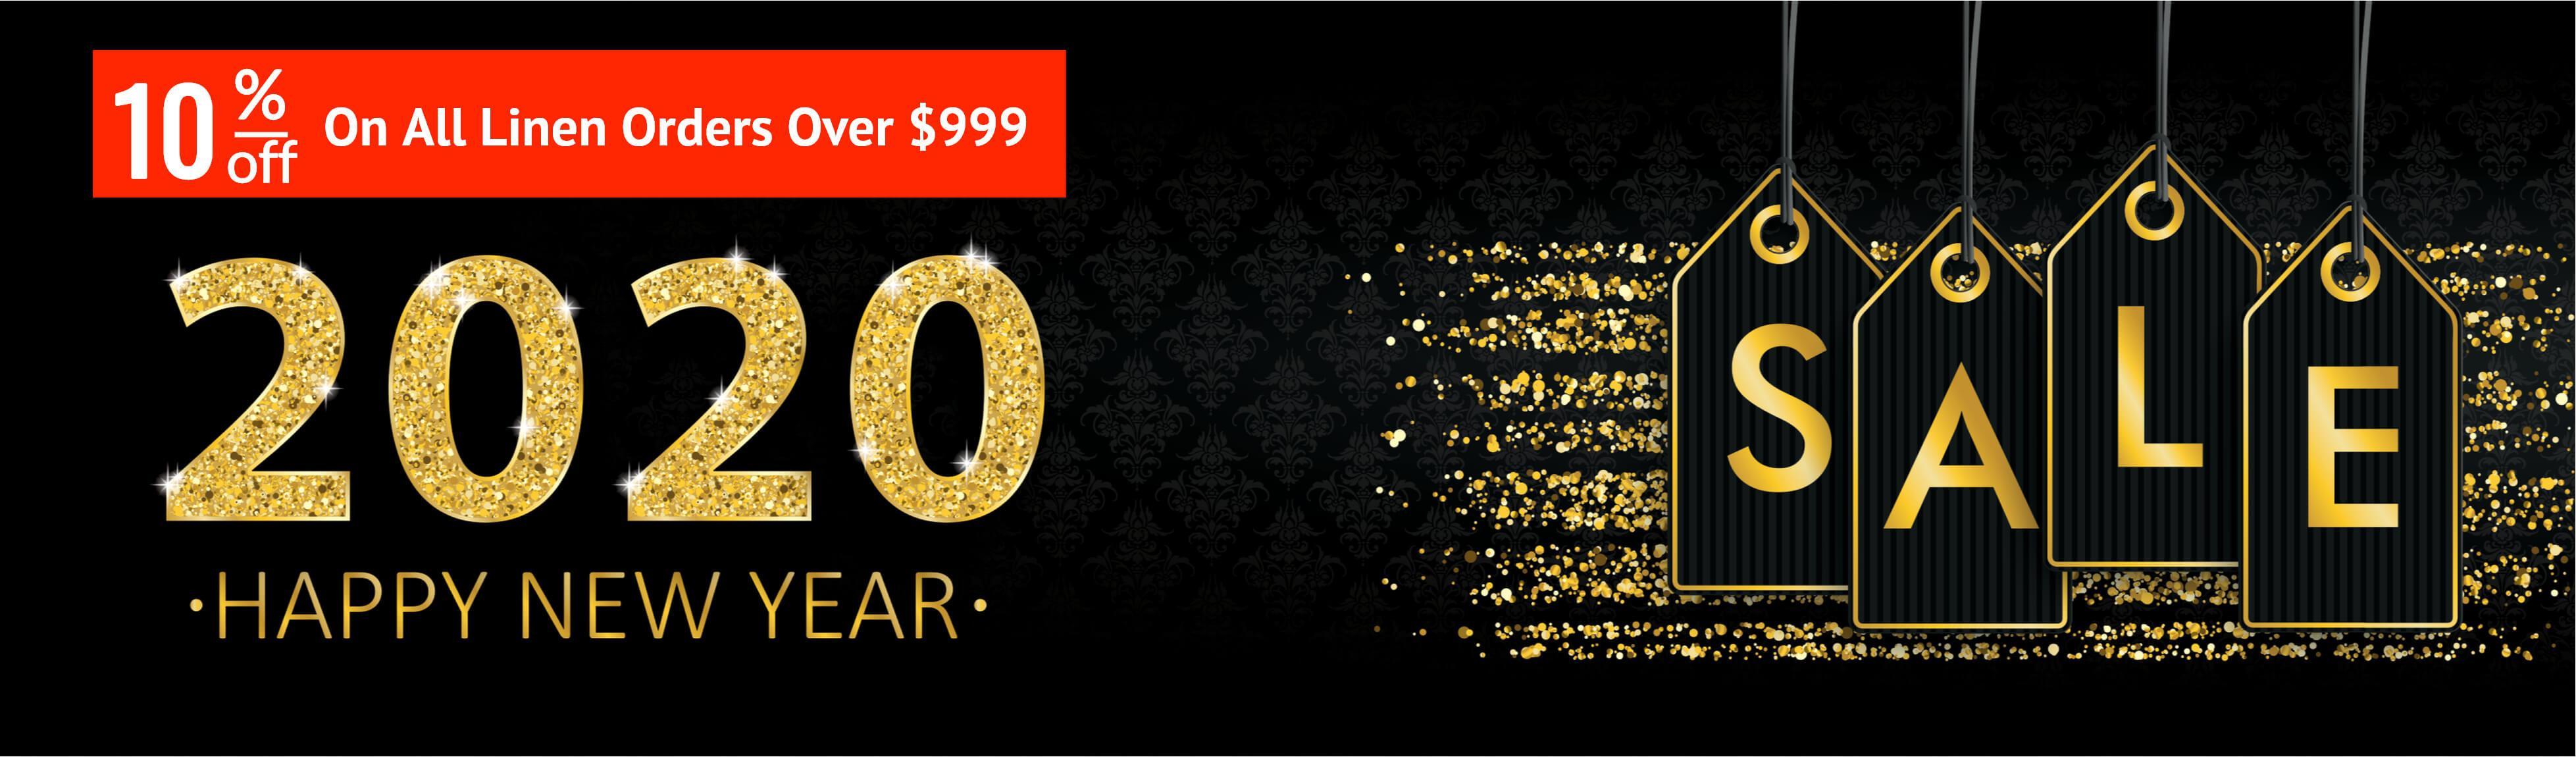 Linen Plus 2020 Promotion